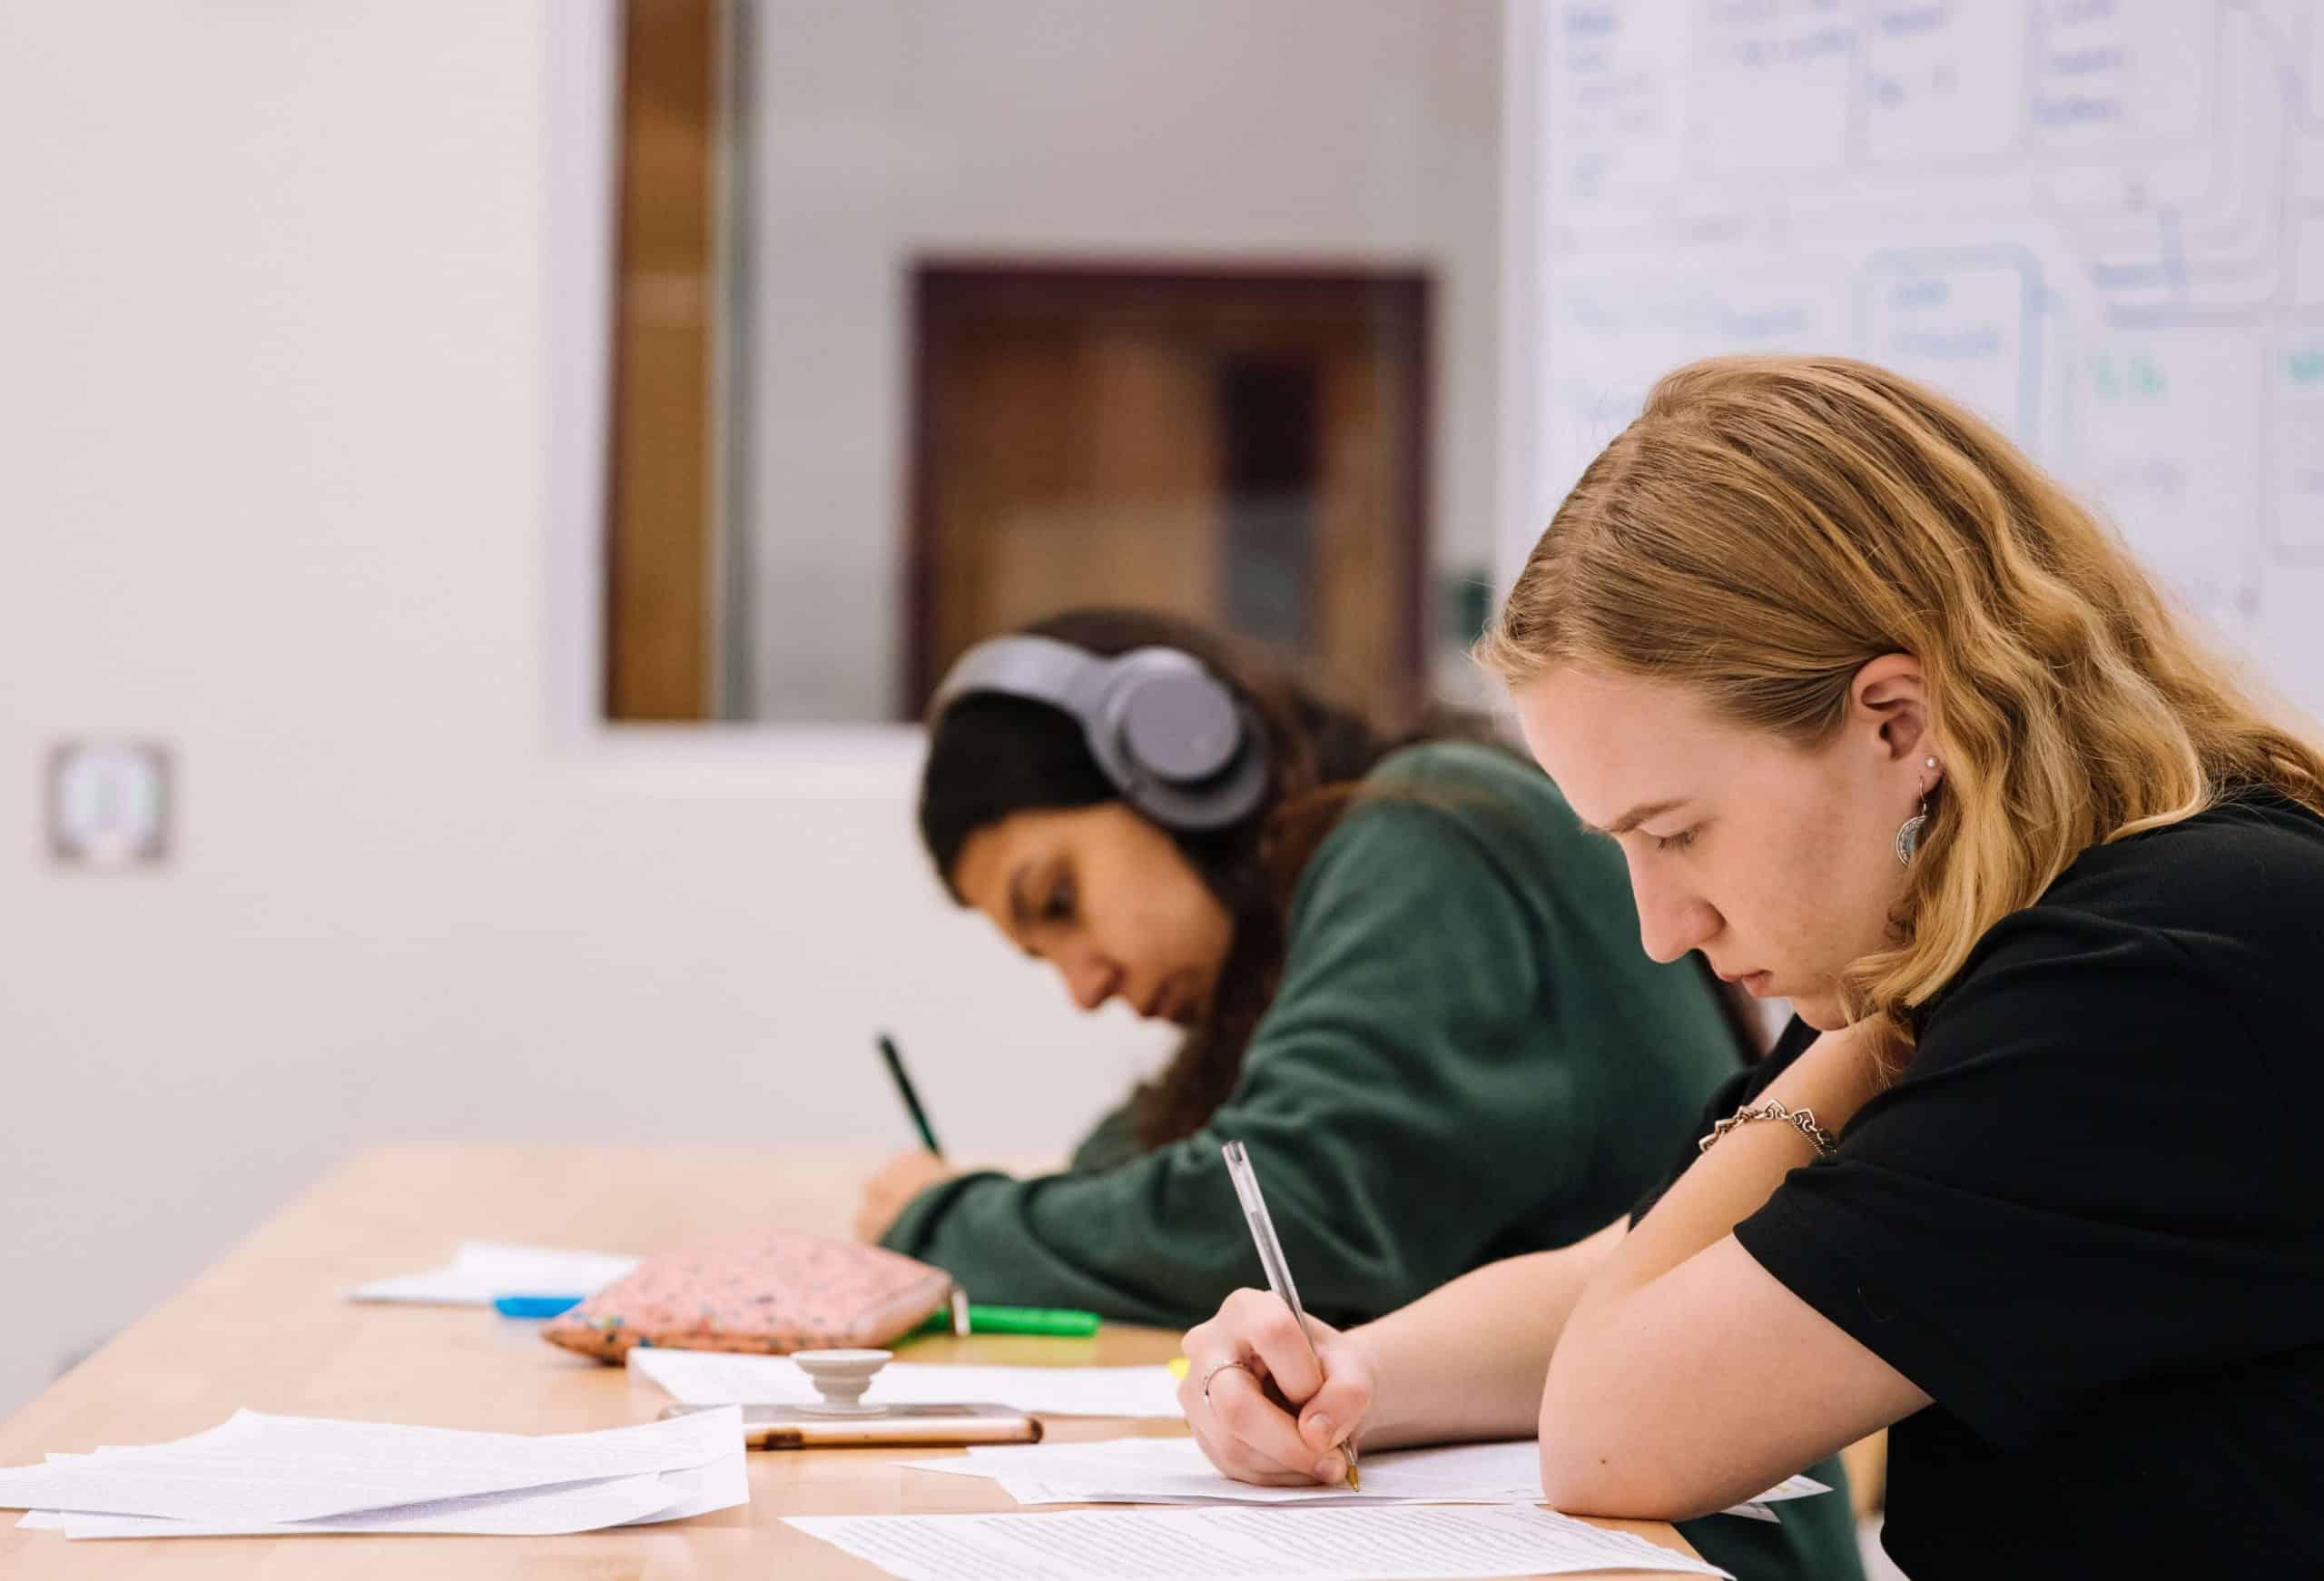 malefícios-celular-sala-de-aula